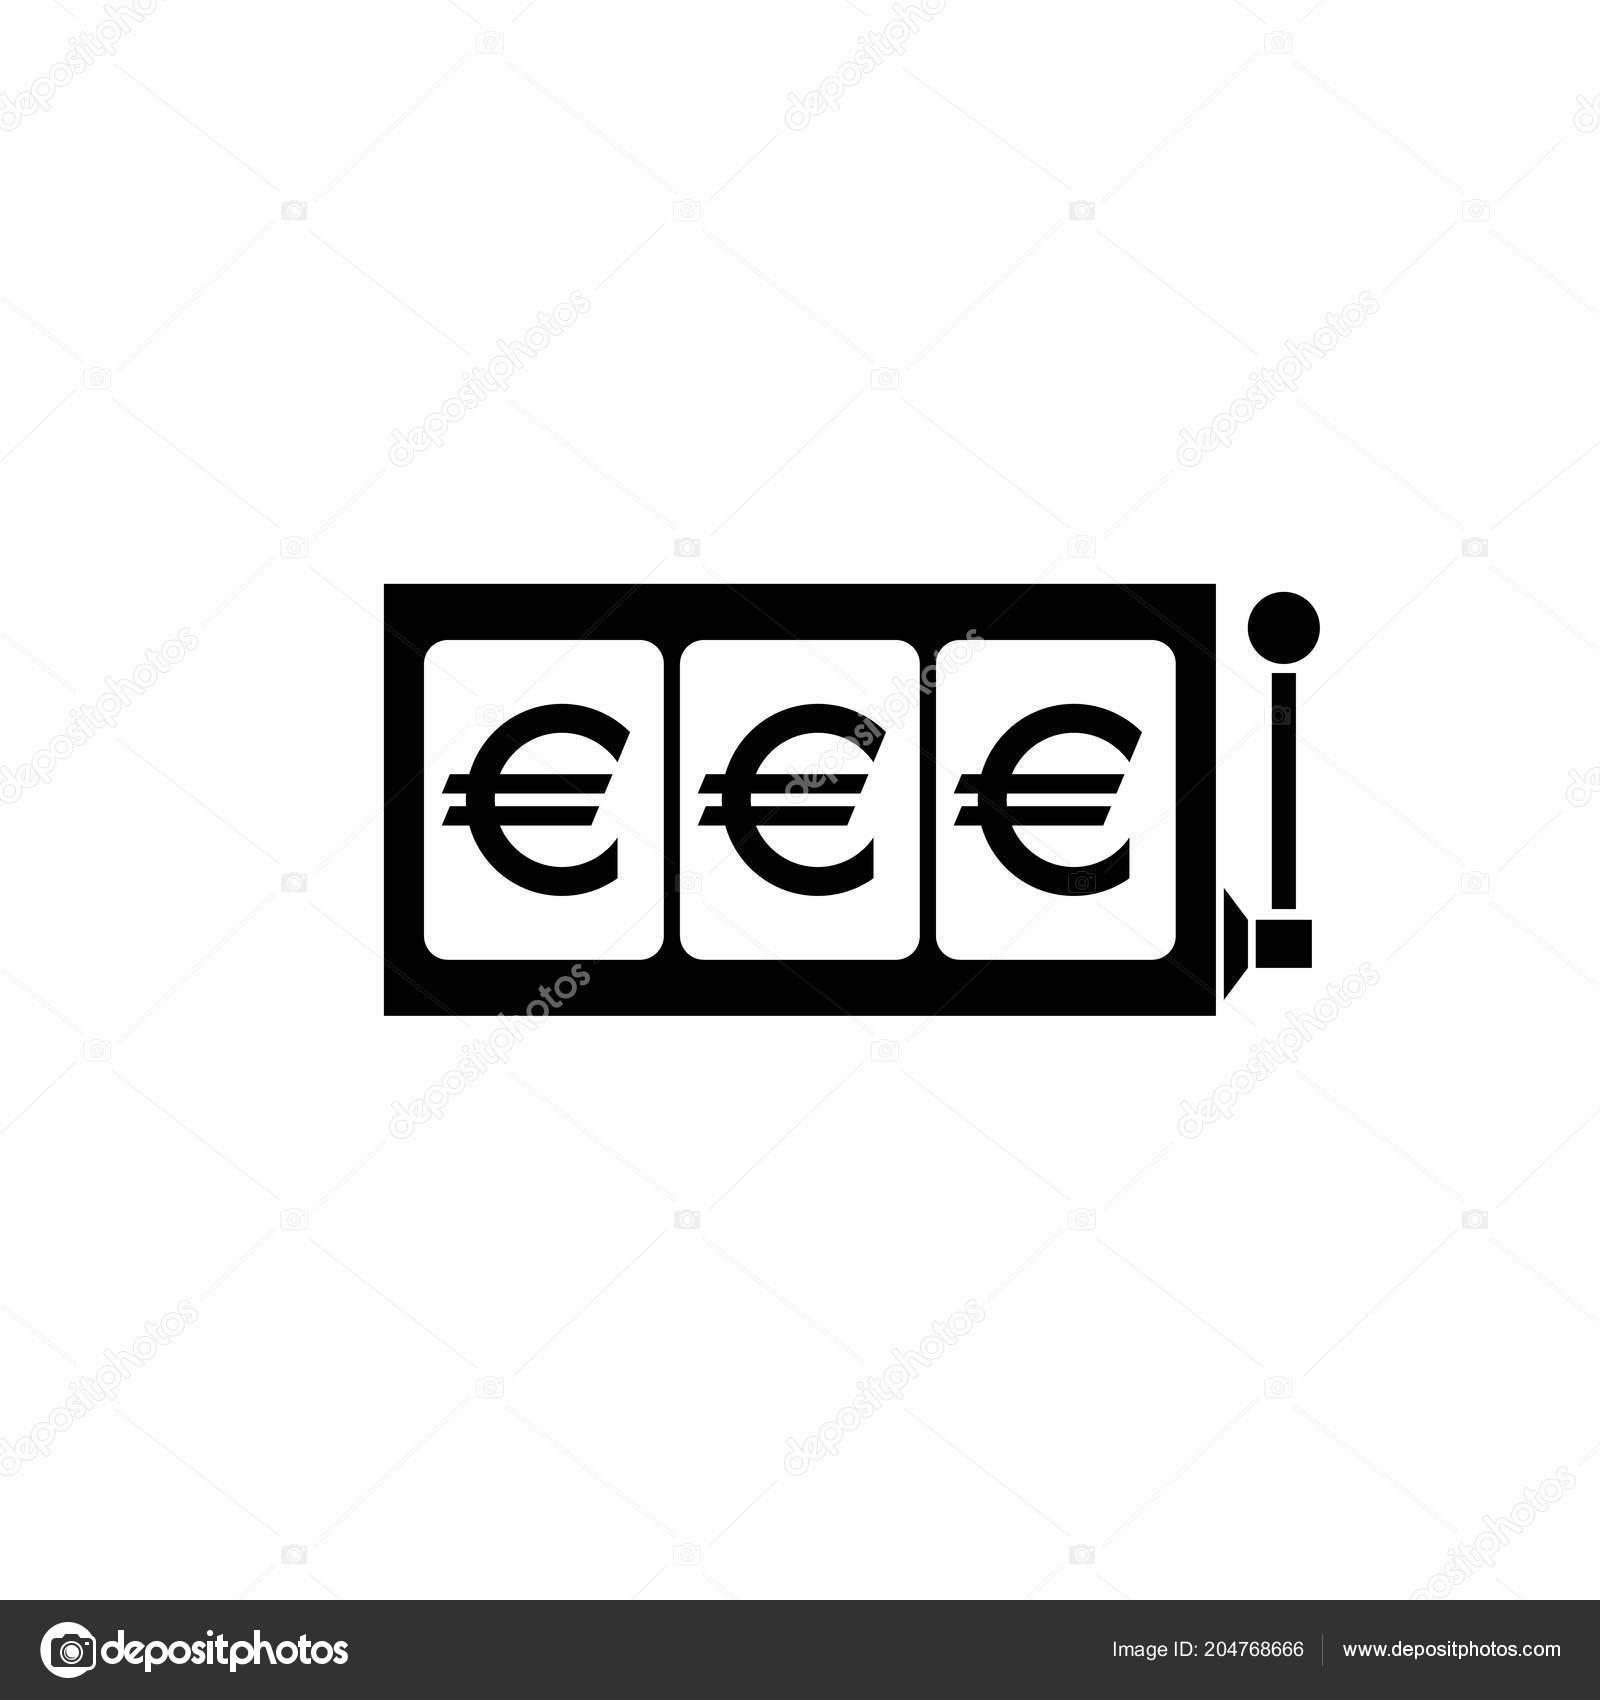 евро слот